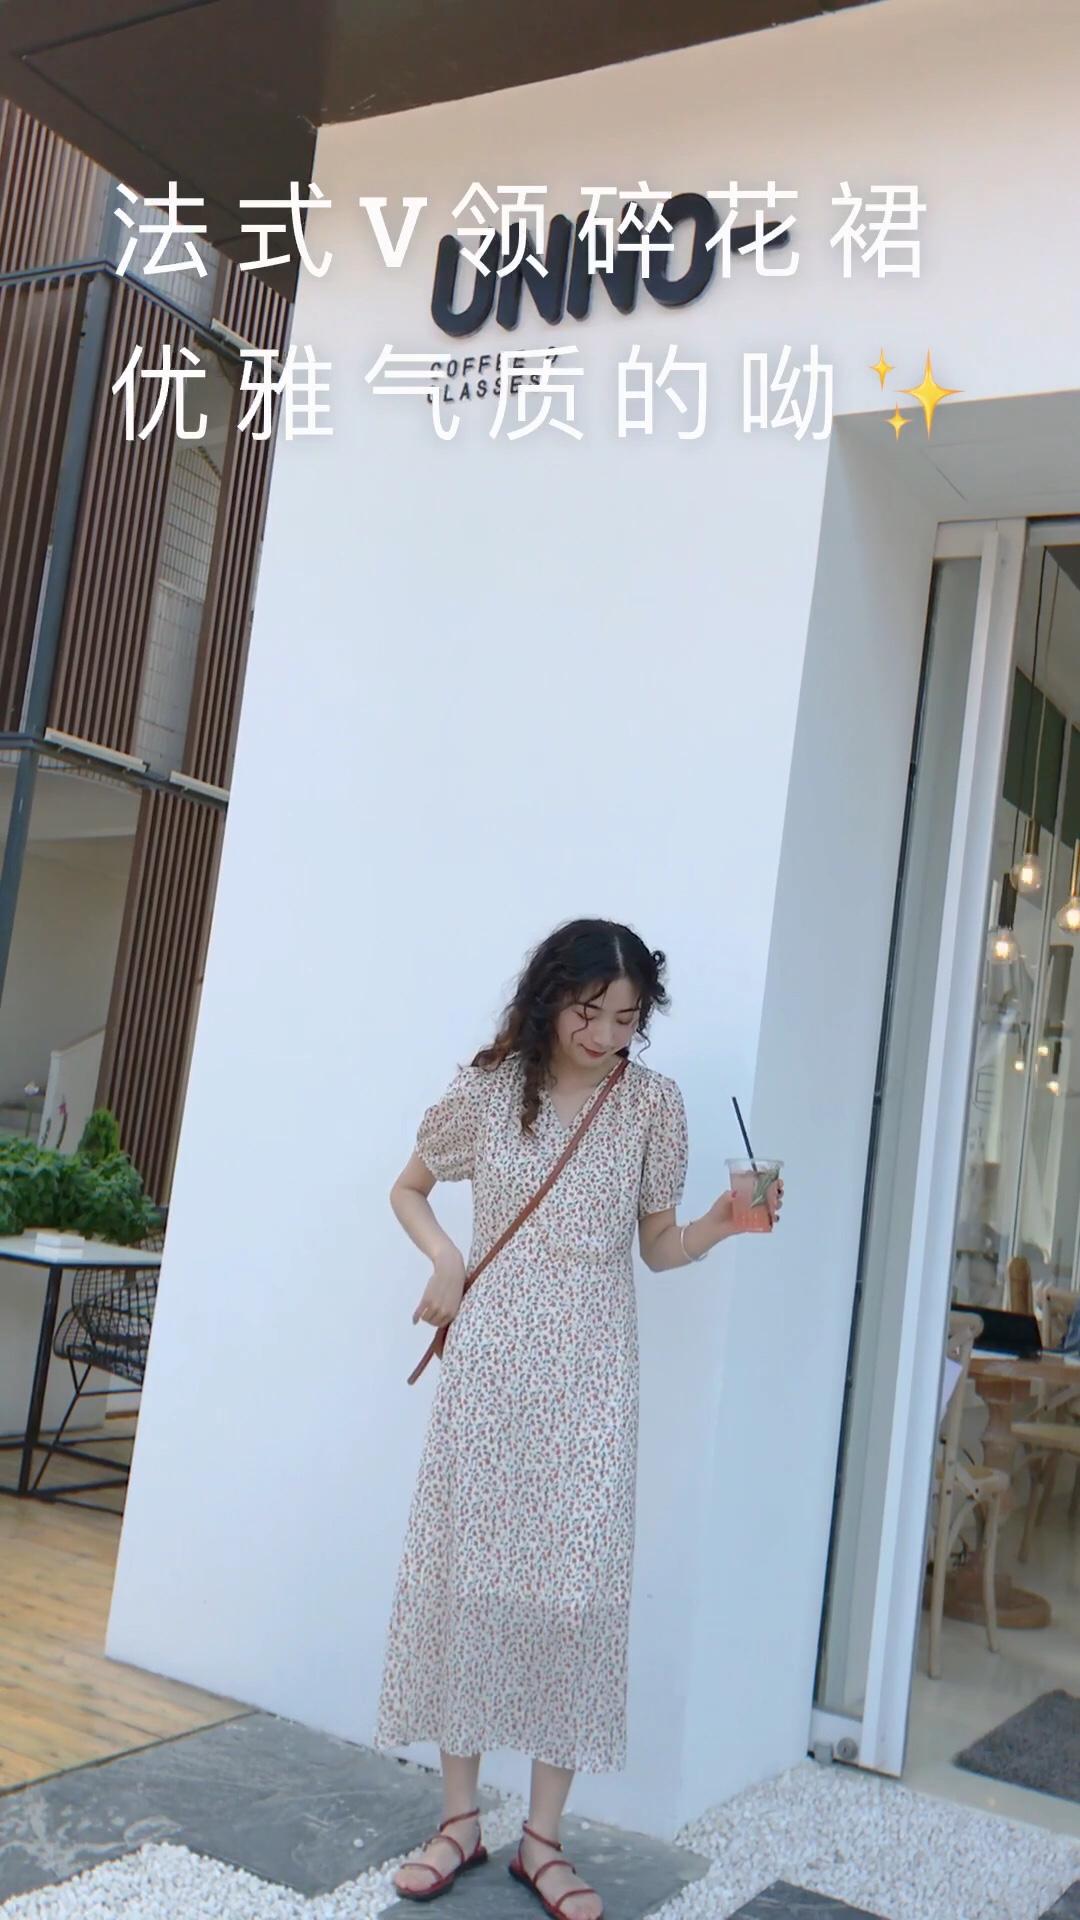 #夏天要做嫩黄色的太阳花女孩# 这个碎花连衣裙的花色真的很特别 好看的不行!是我今年很喜欢的一款连衣裙 v领的设计很有气质,袖子也是灯笼袖的设计 很nice,裙子整体会很显瘦 腰围可以系带,温柔好看~ 搭配一字凉鞋和小棕包,清新出街!